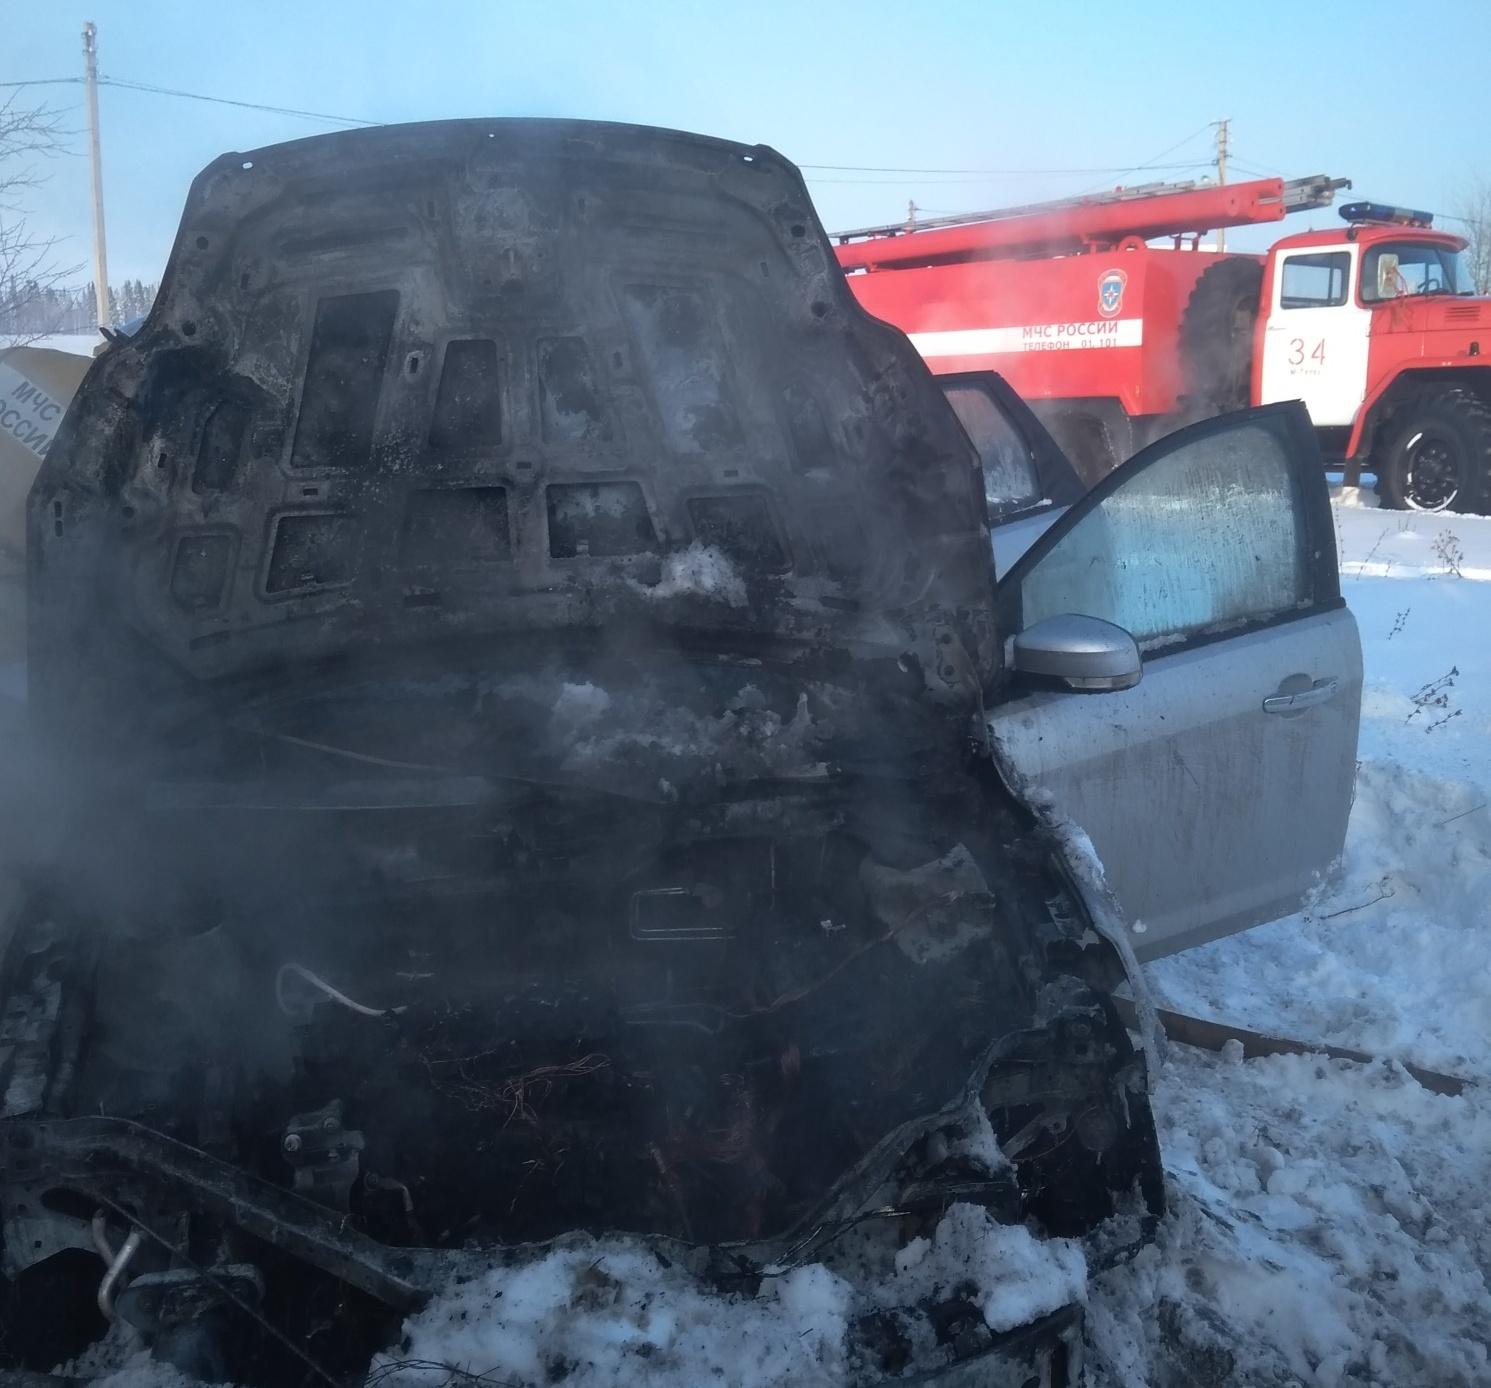 Пытаясь завести автомобиль в мороз, житель Марий Эл поджег его